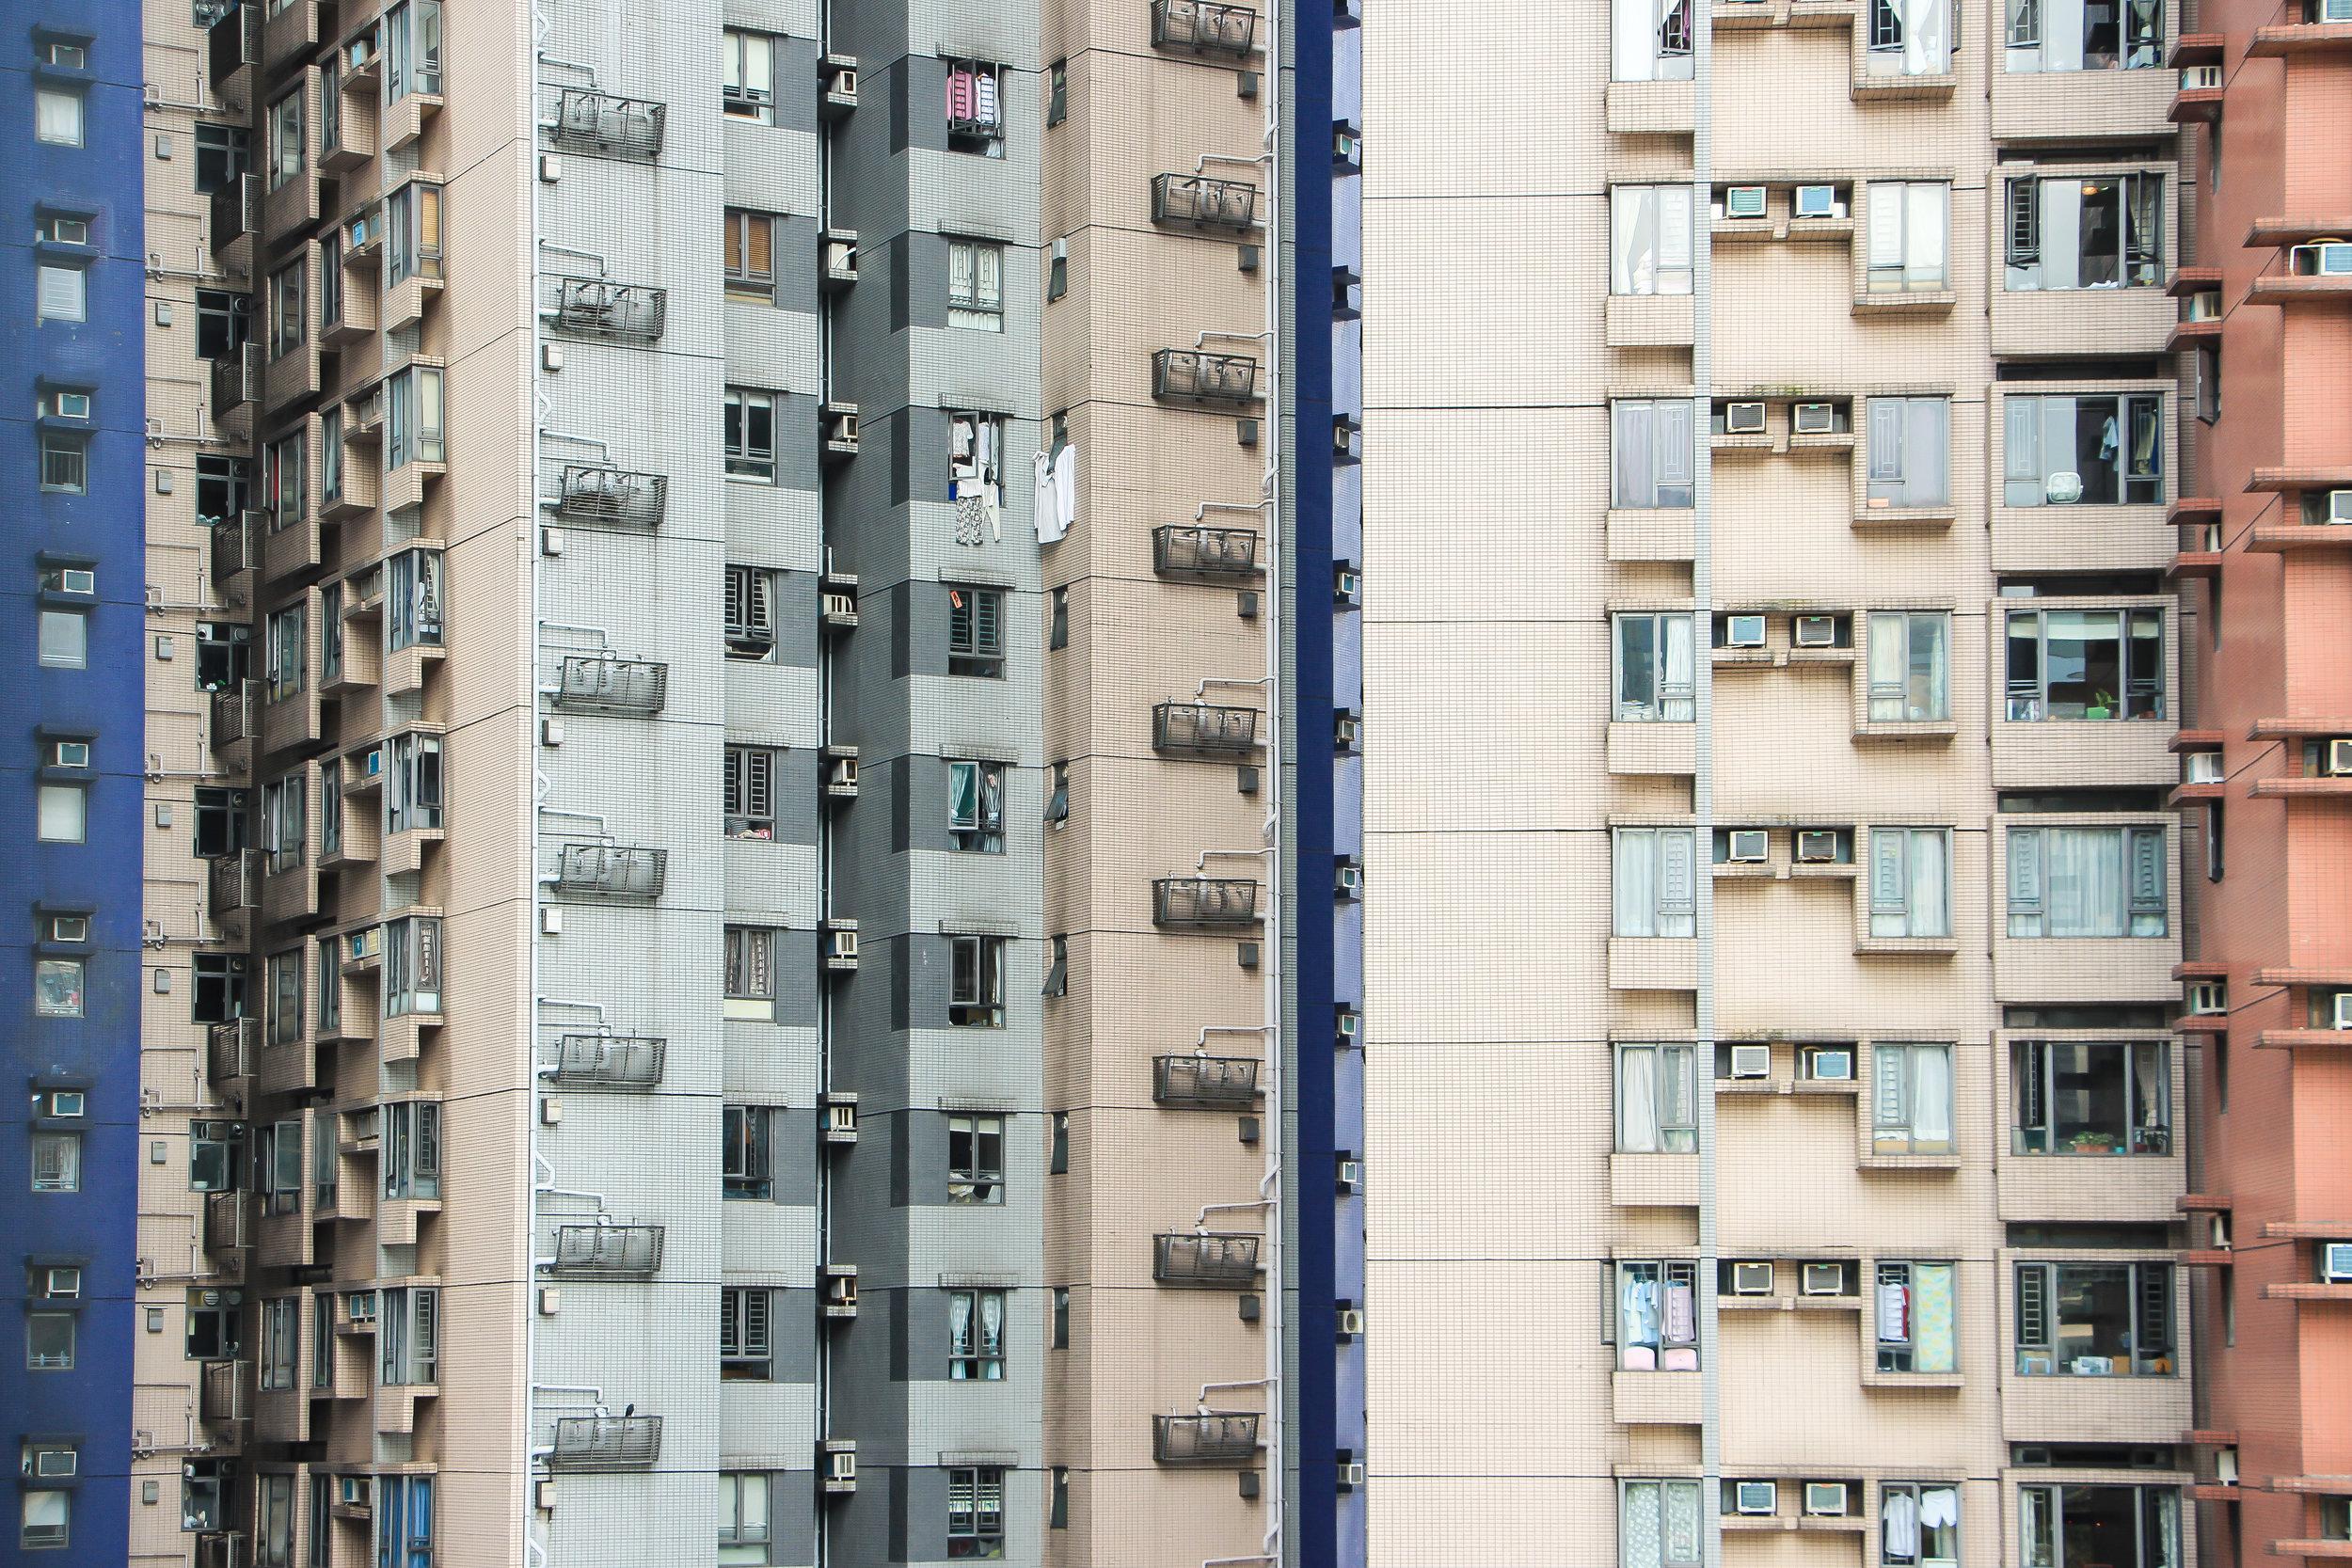 HONG KONG, HONG KONG ISLAND, ARCHITECTURE, MINIMAL, ASIA | DOLESSGETMOREDONE.COM |